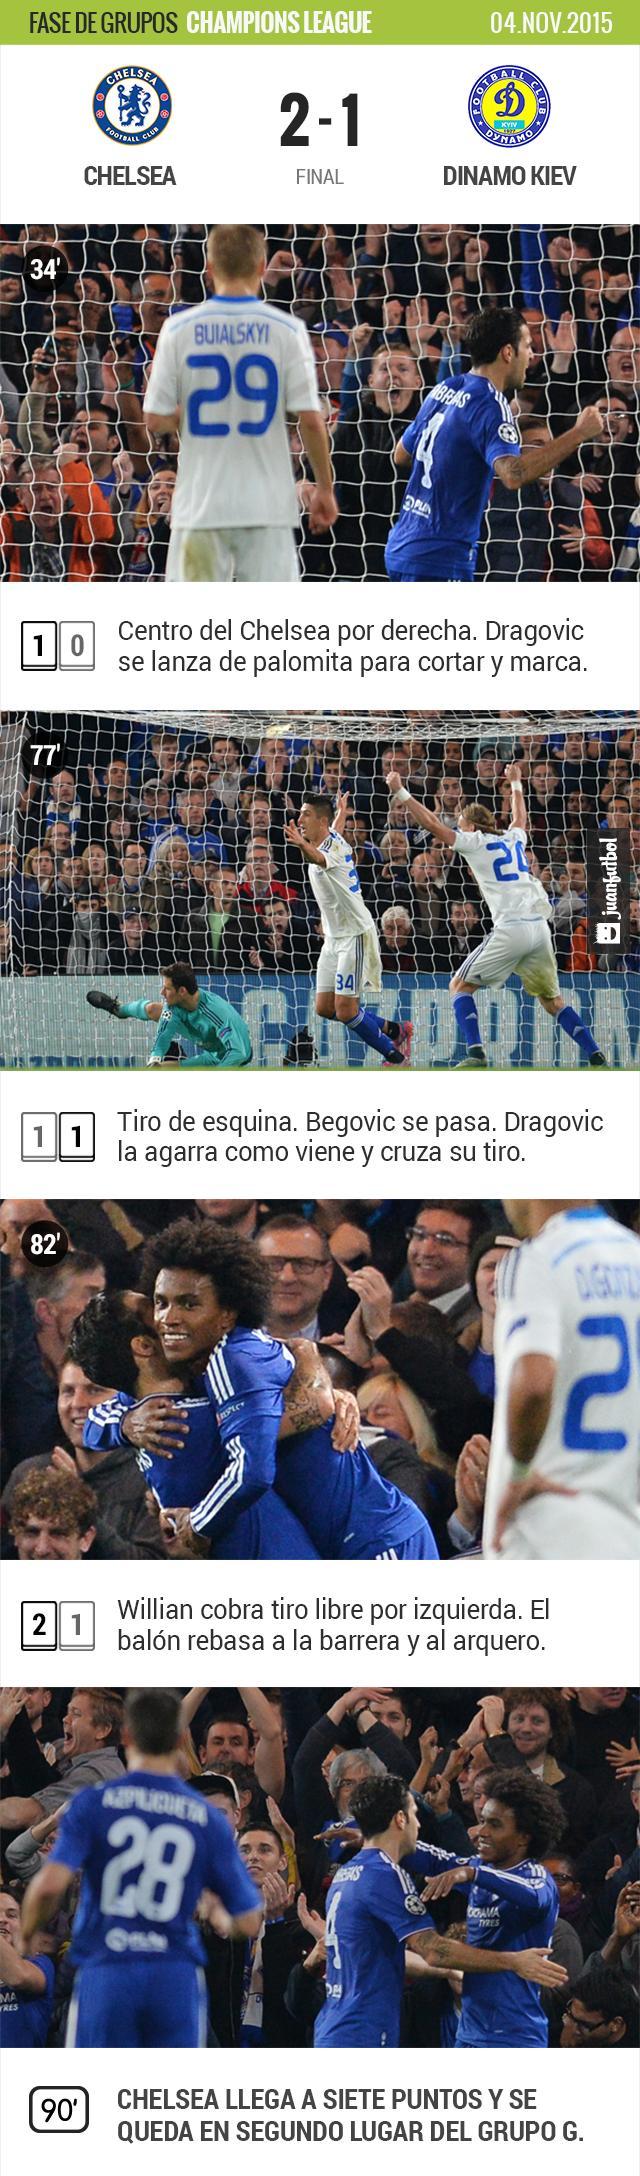 El partido tuvo escasas ocasiones de gol.